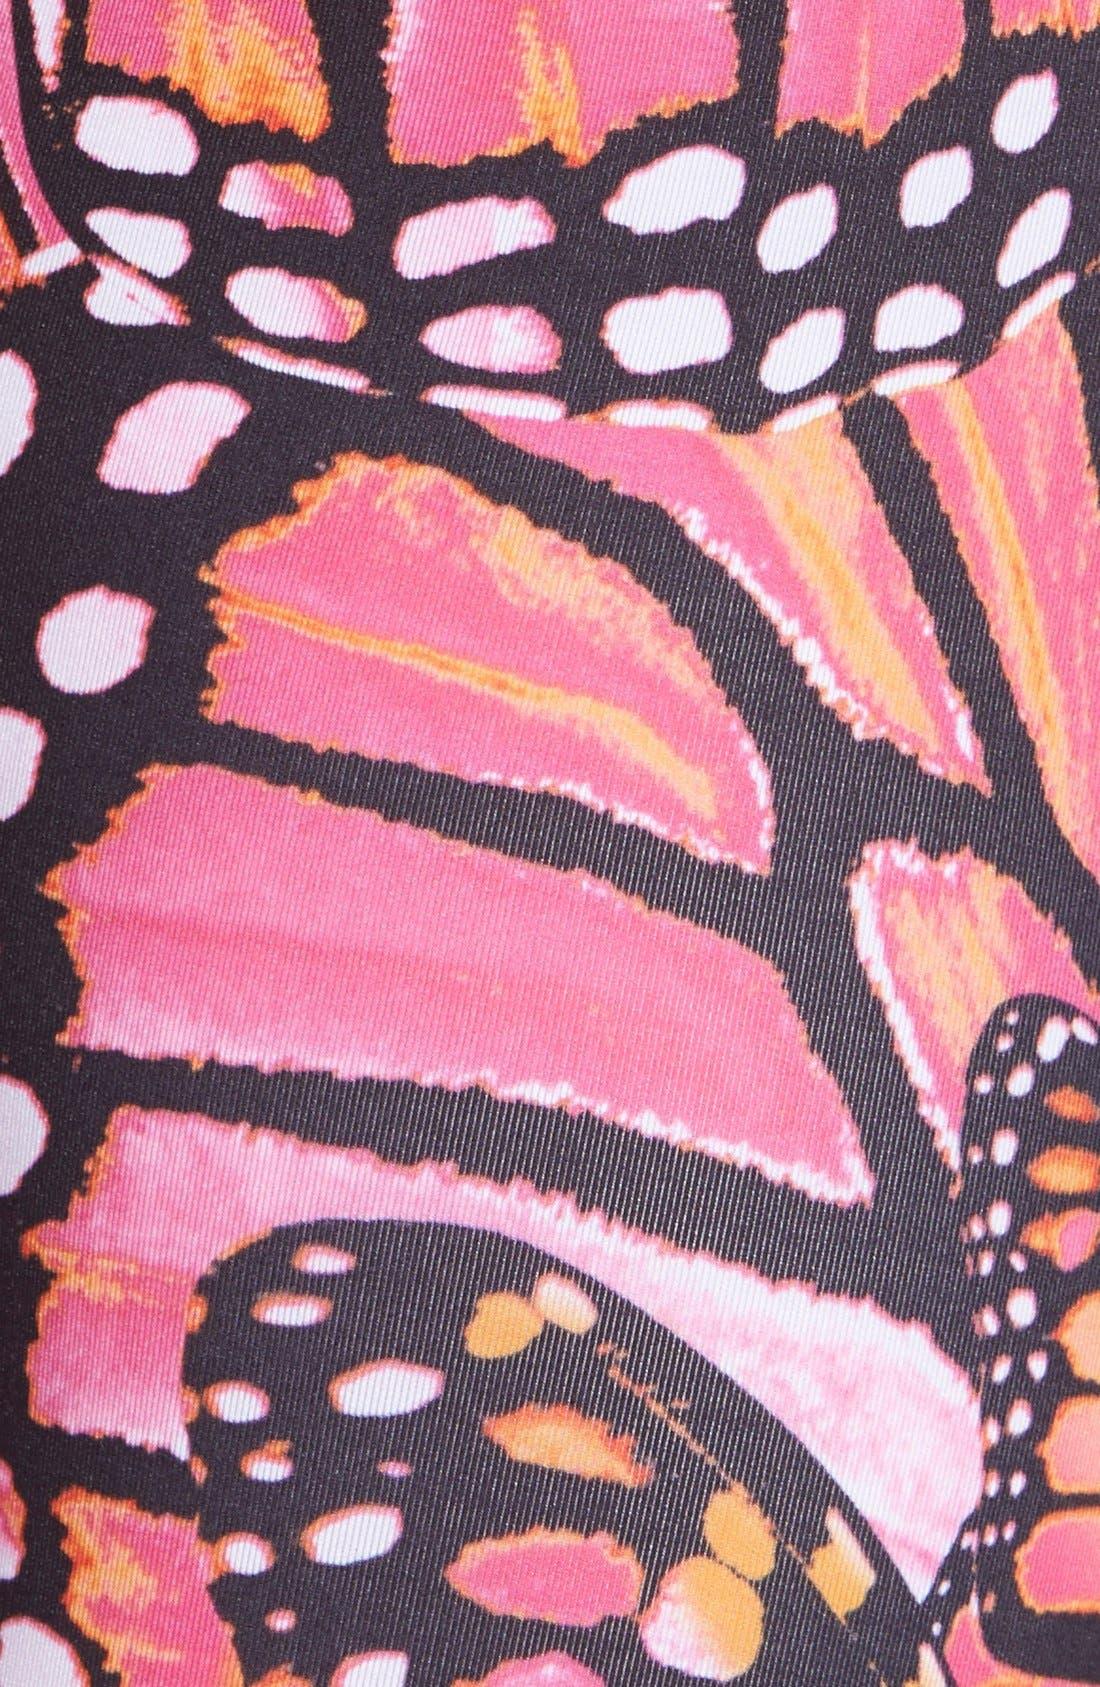 Butterfly Print Leggings,                             Alternate thumbnail 4, color,                             997